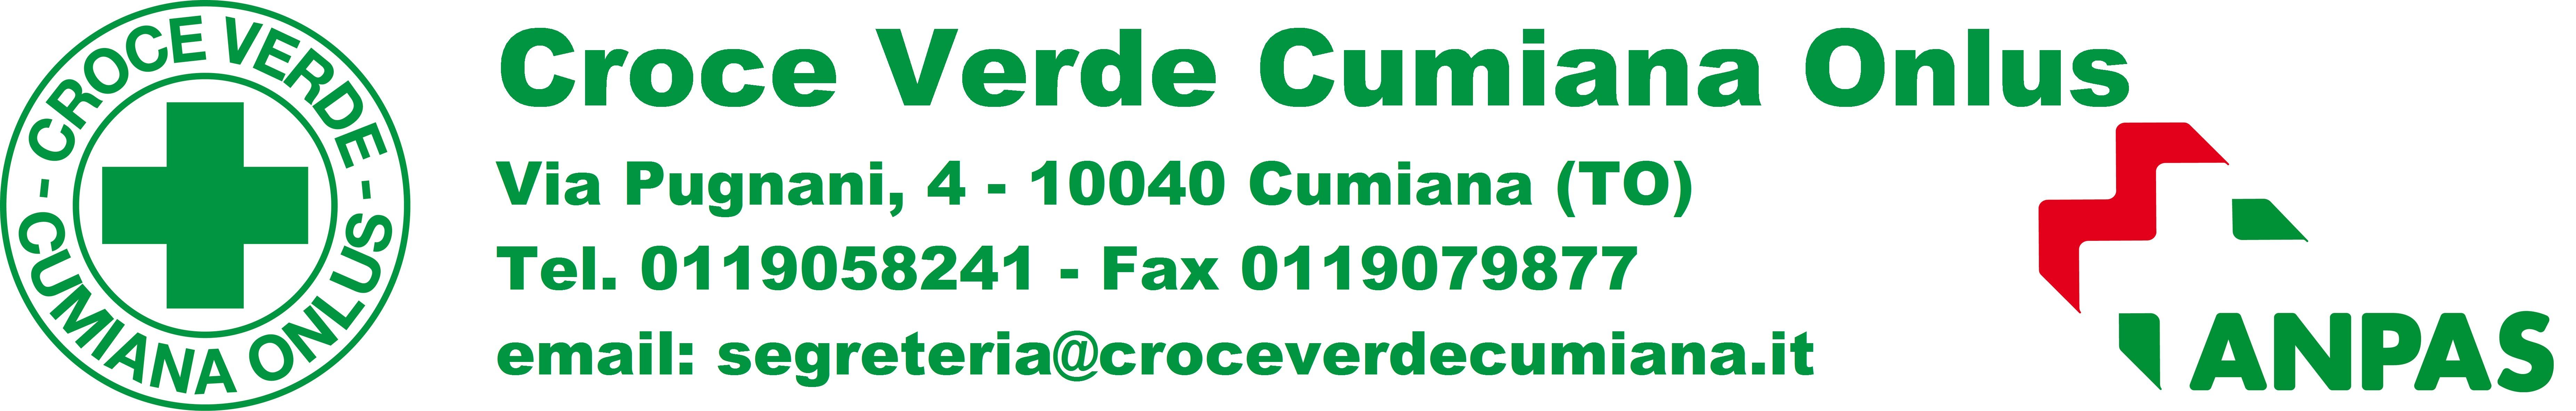 Croce Verde Cumiana ONLUS